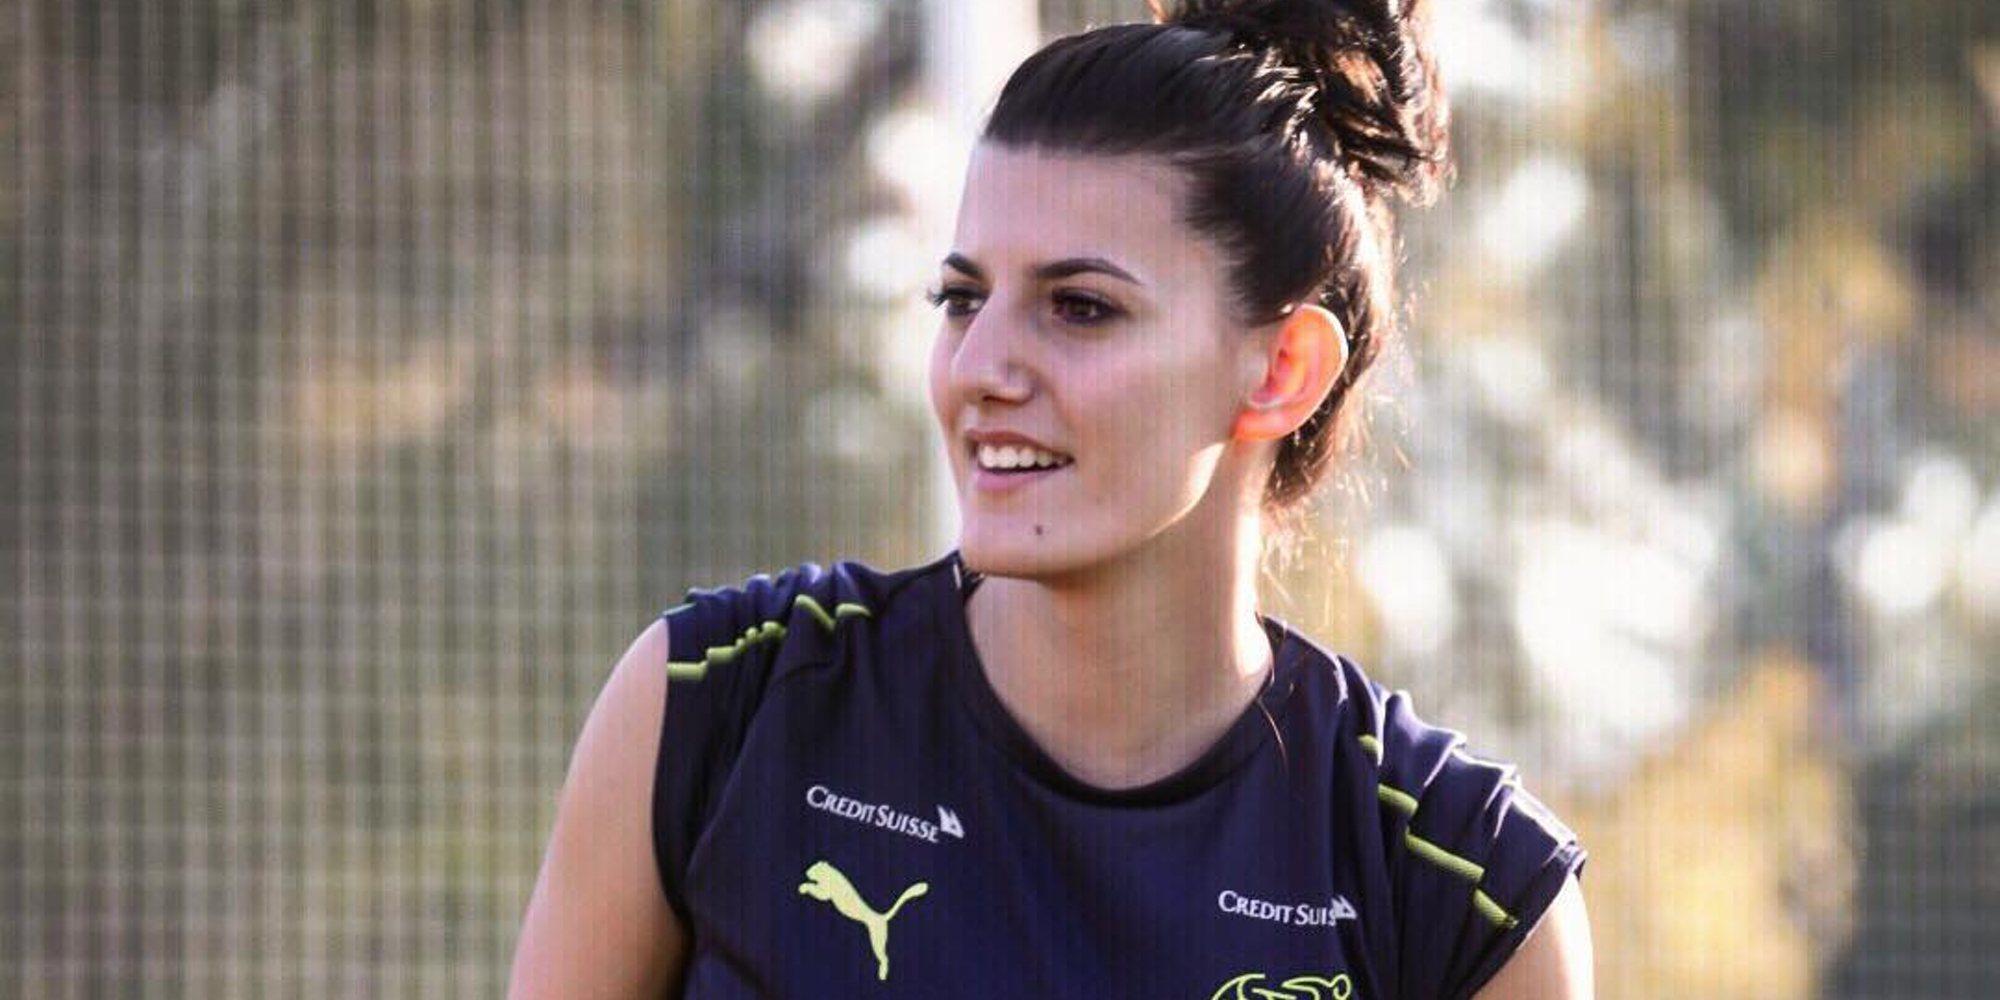 Muere la futbolista Florijana Ismaili ahogada en el lago Como durante sus vacaciones